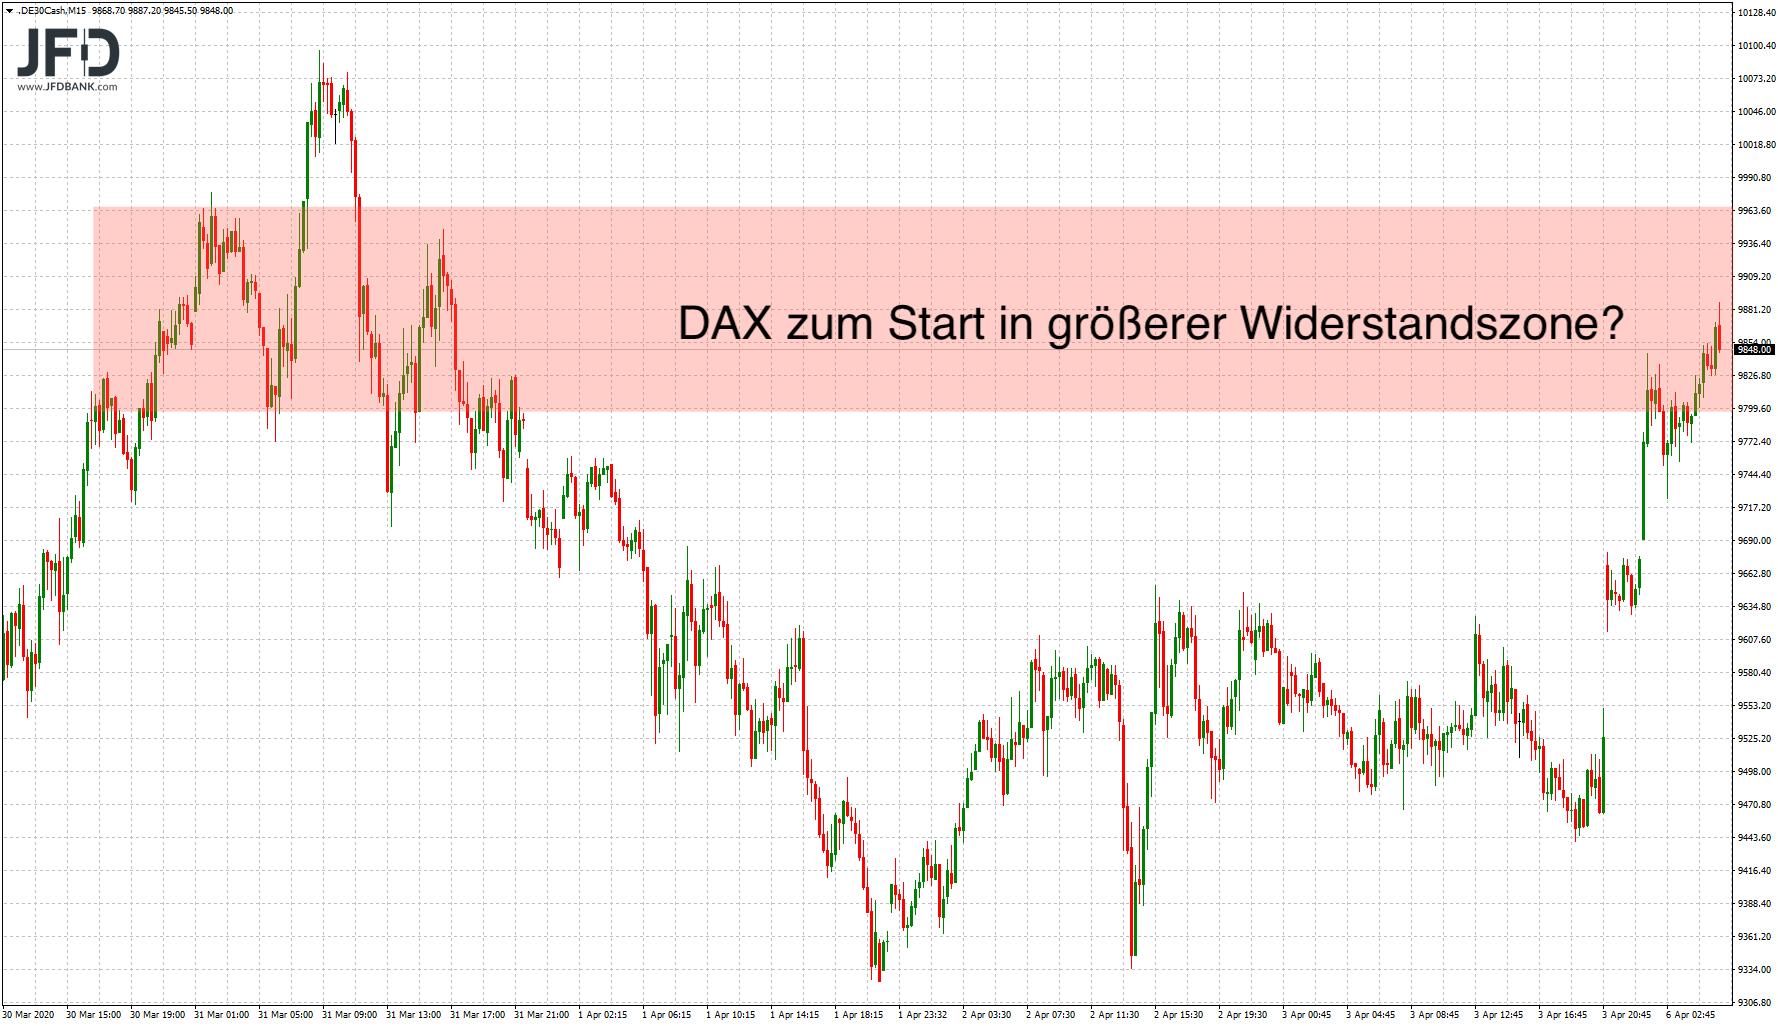 Positiver-Wochenstart-verlässt-unser-DAX-die-Range-der-Vorwoche-Kommentar-JFD-Bank-GodmodeTrader.de-9